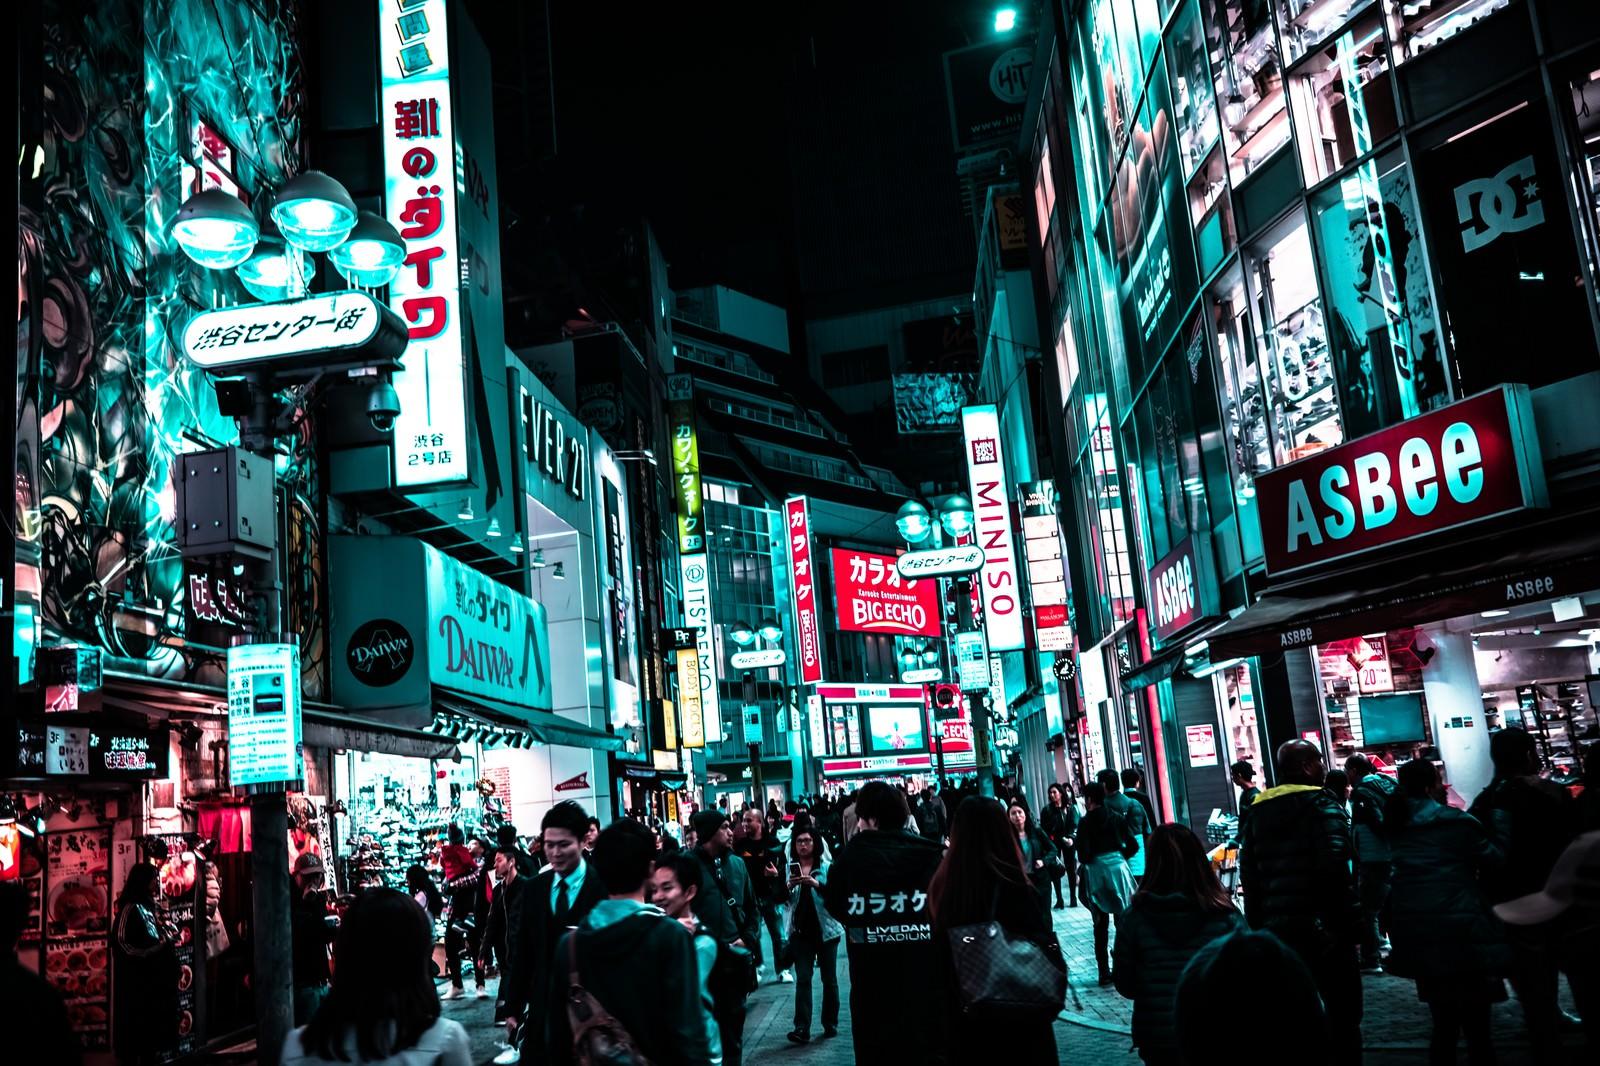 「夜の渋谷センター街を行き交う通行人」の写真